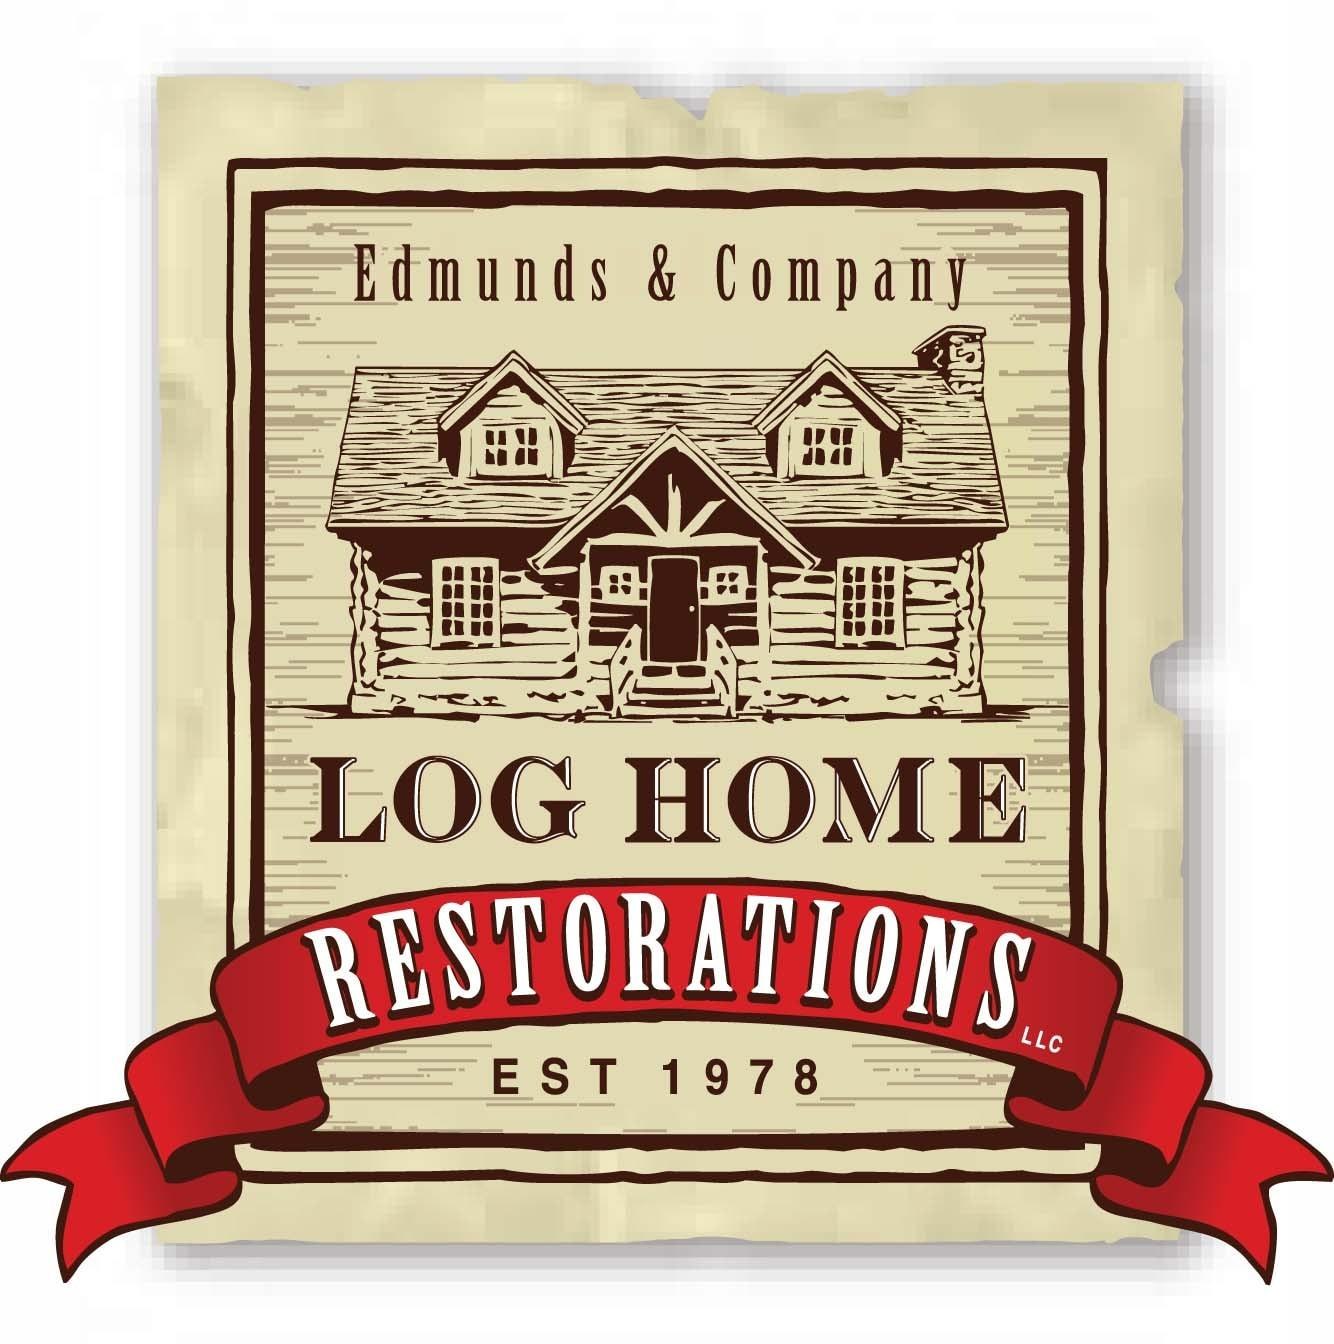 Edmunds & Company Log Home Restorations